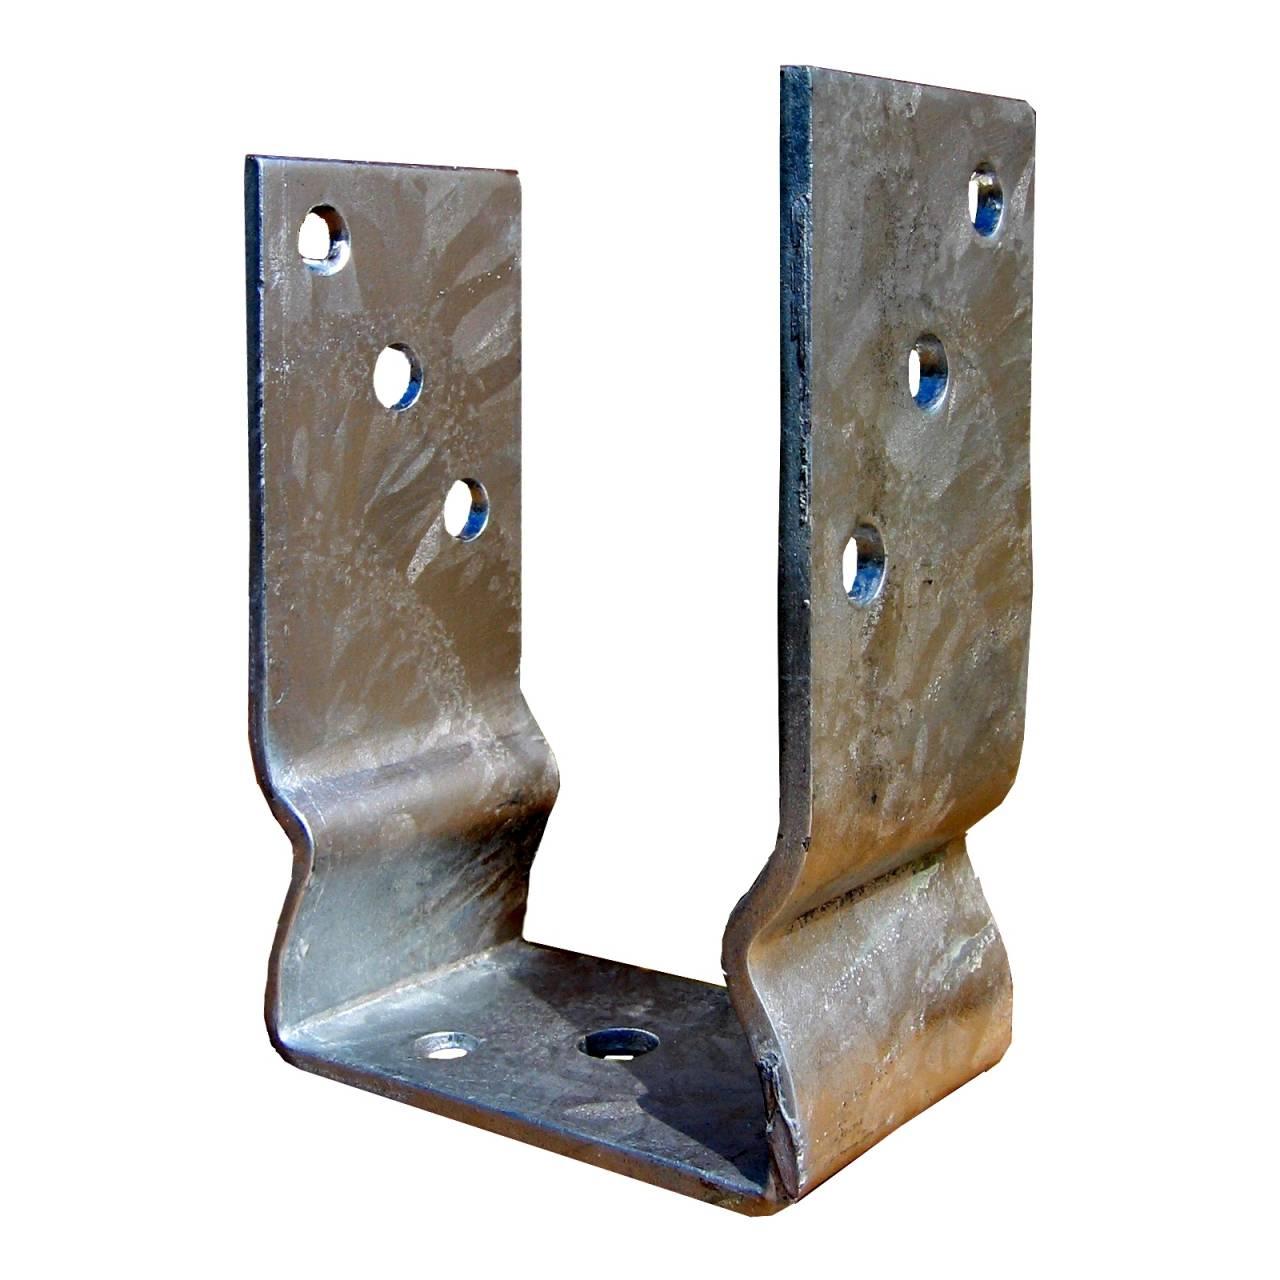 Stützenfuss vz S-U-Form 91 mm, aufschraubbar